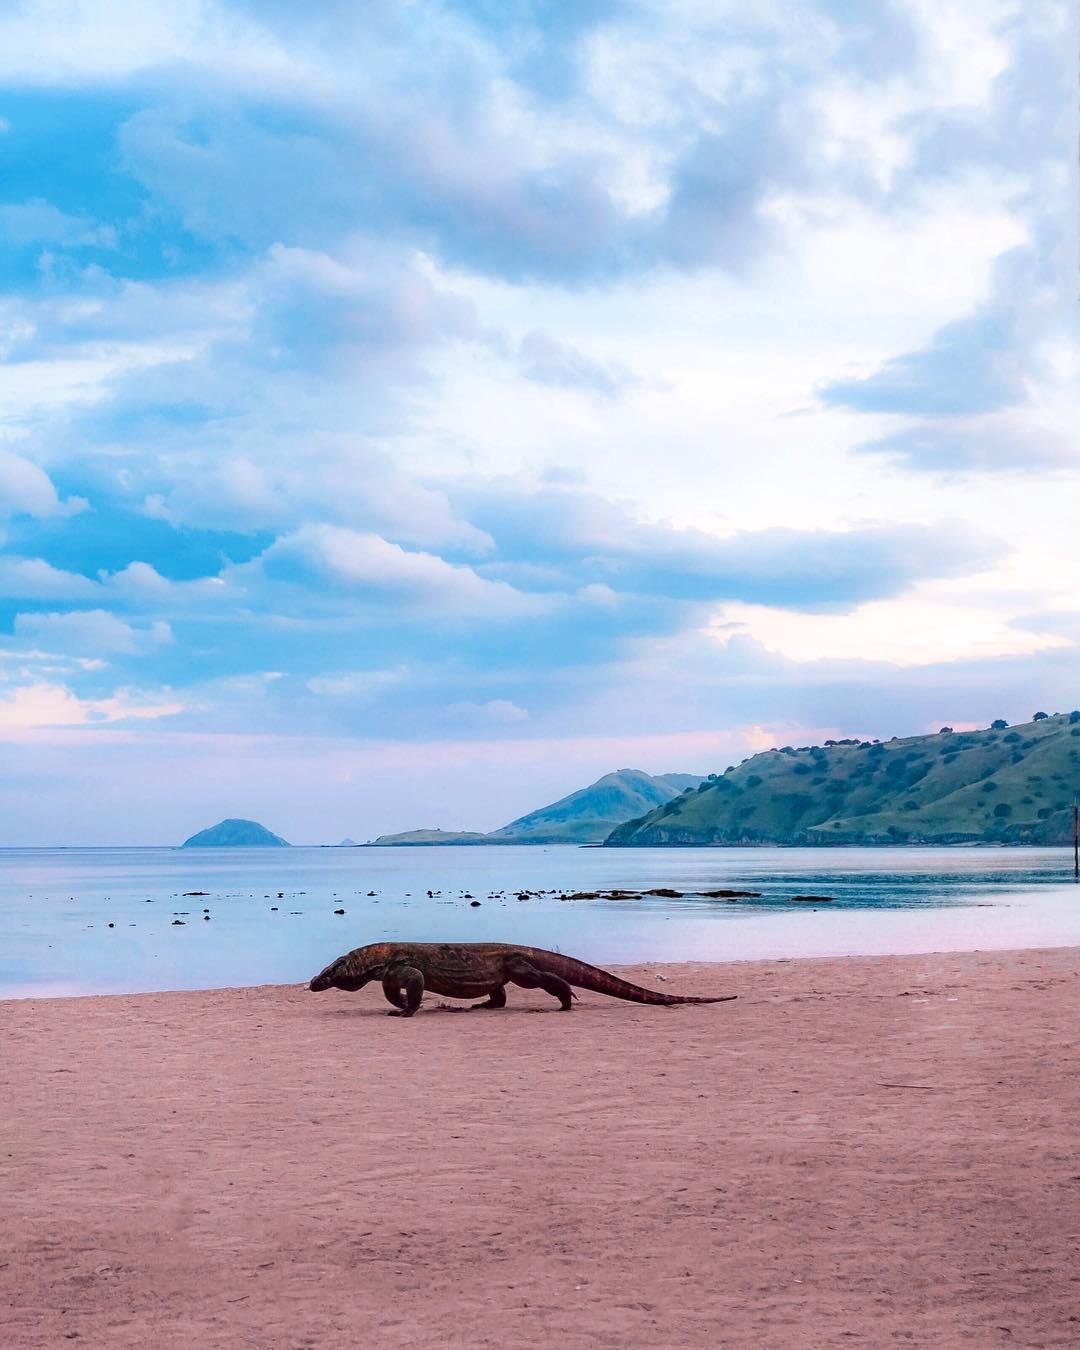 Đảo rồng Komodo tại Indonesia sẽ đóng cửa vào năm 2020, đi ngay trước khi quá muộn nào! - Ảnh 1.